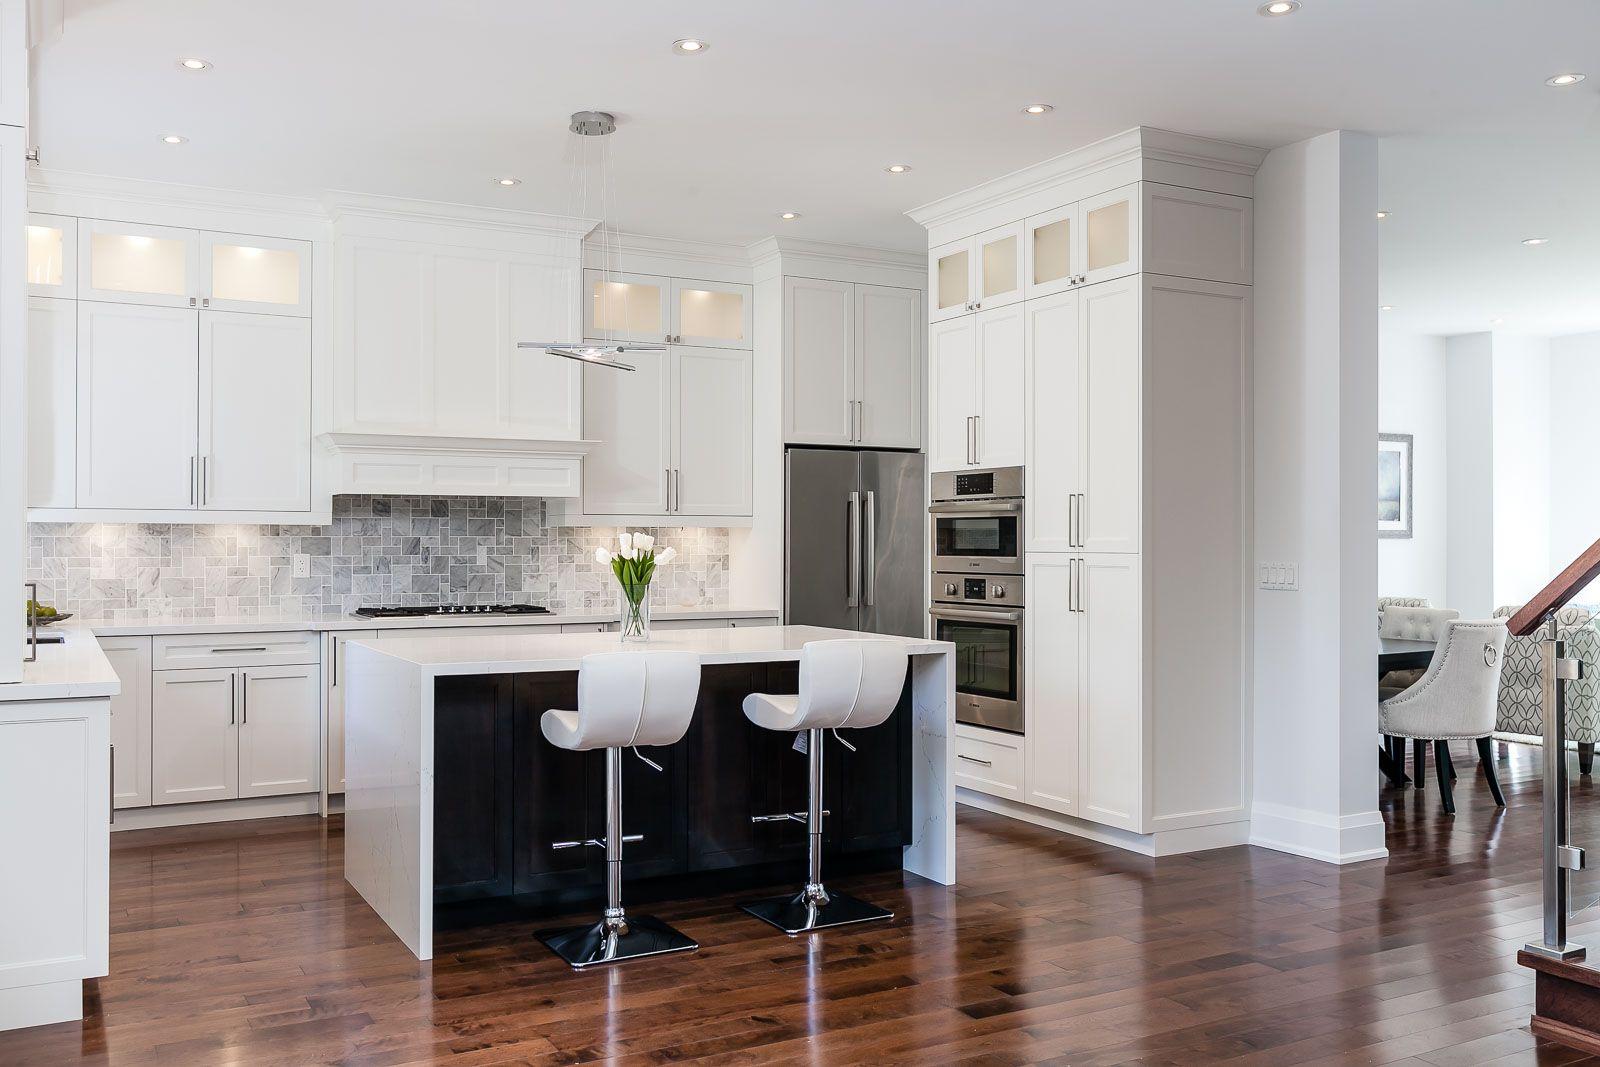 Hardwood flooring installed in kitchen hardwoodfloors